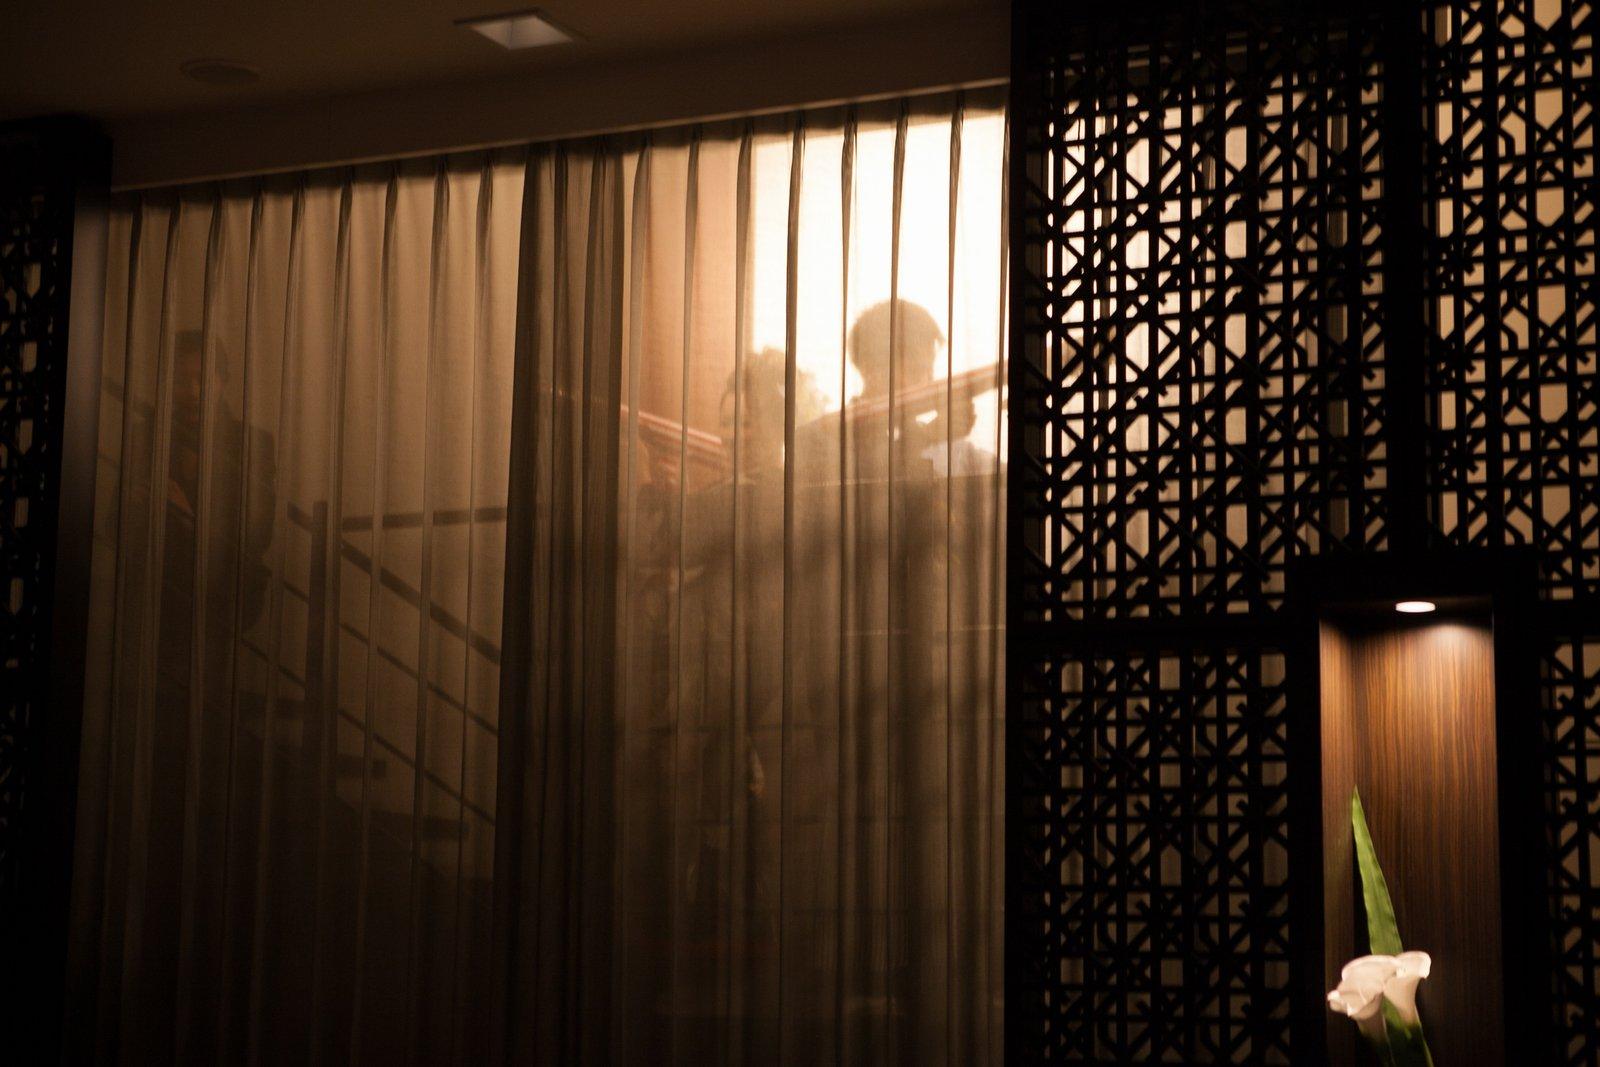 徳島市の結婚式場ブランアンジュでサプライズでの披露宴会場シルエット階段登場